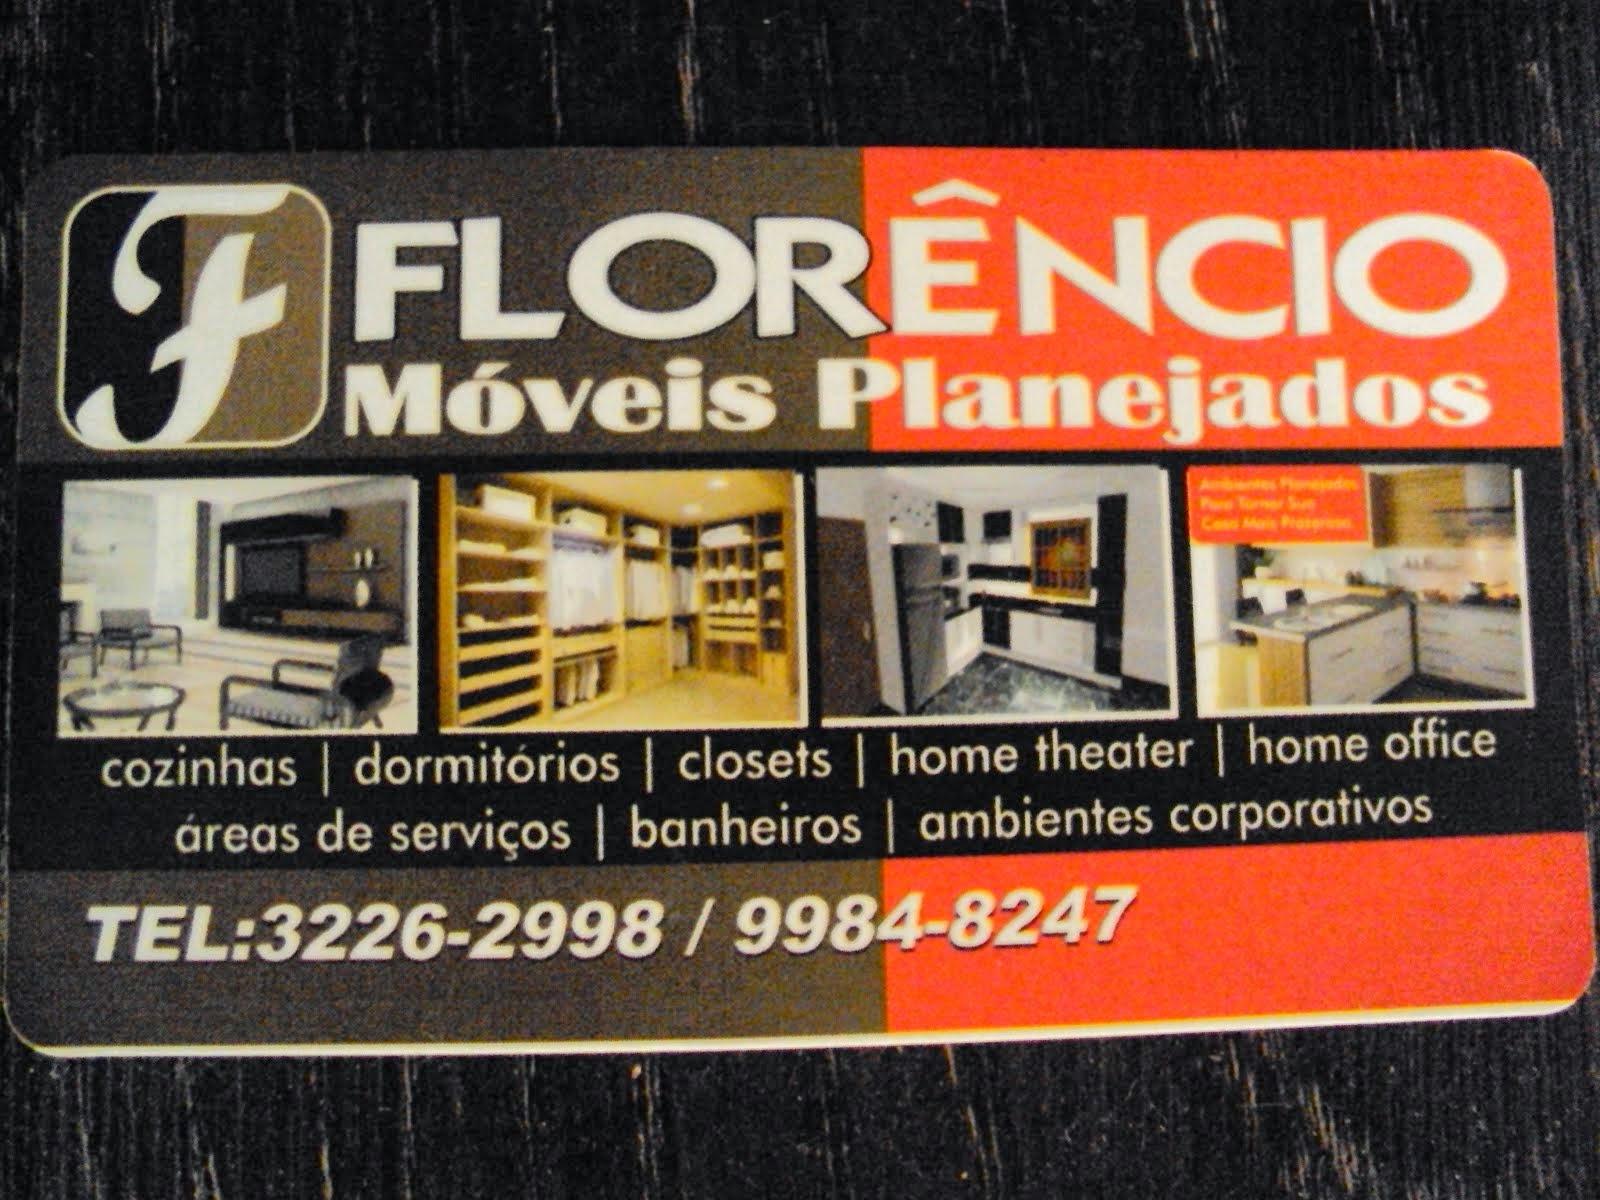 J Florencio Móveis Planejados